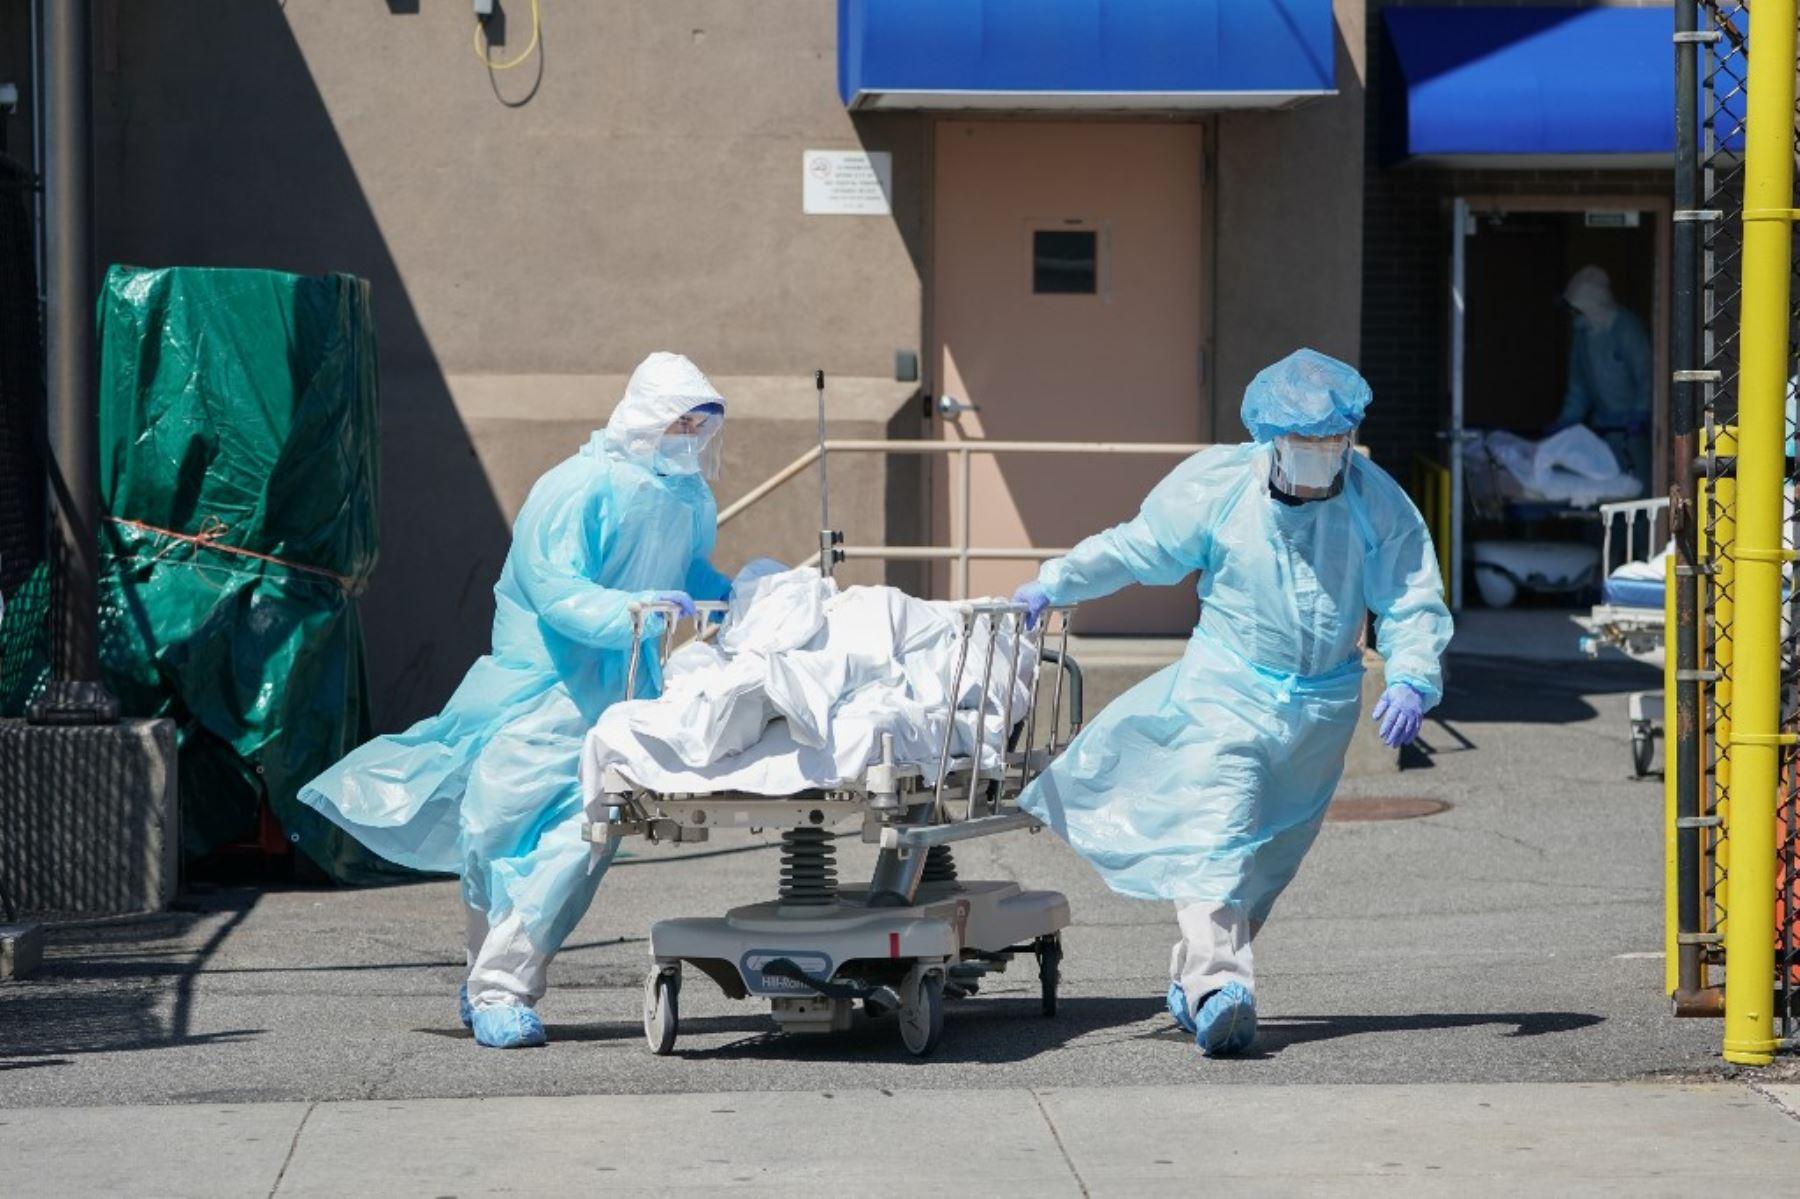 Los cuerpos son trasladados a un camión de refrigeración que sirve como depósito de cadáveres temporal en el Hospital Wyckoff en el distrito de Brooklyn en Nueva York. Foto: AFP